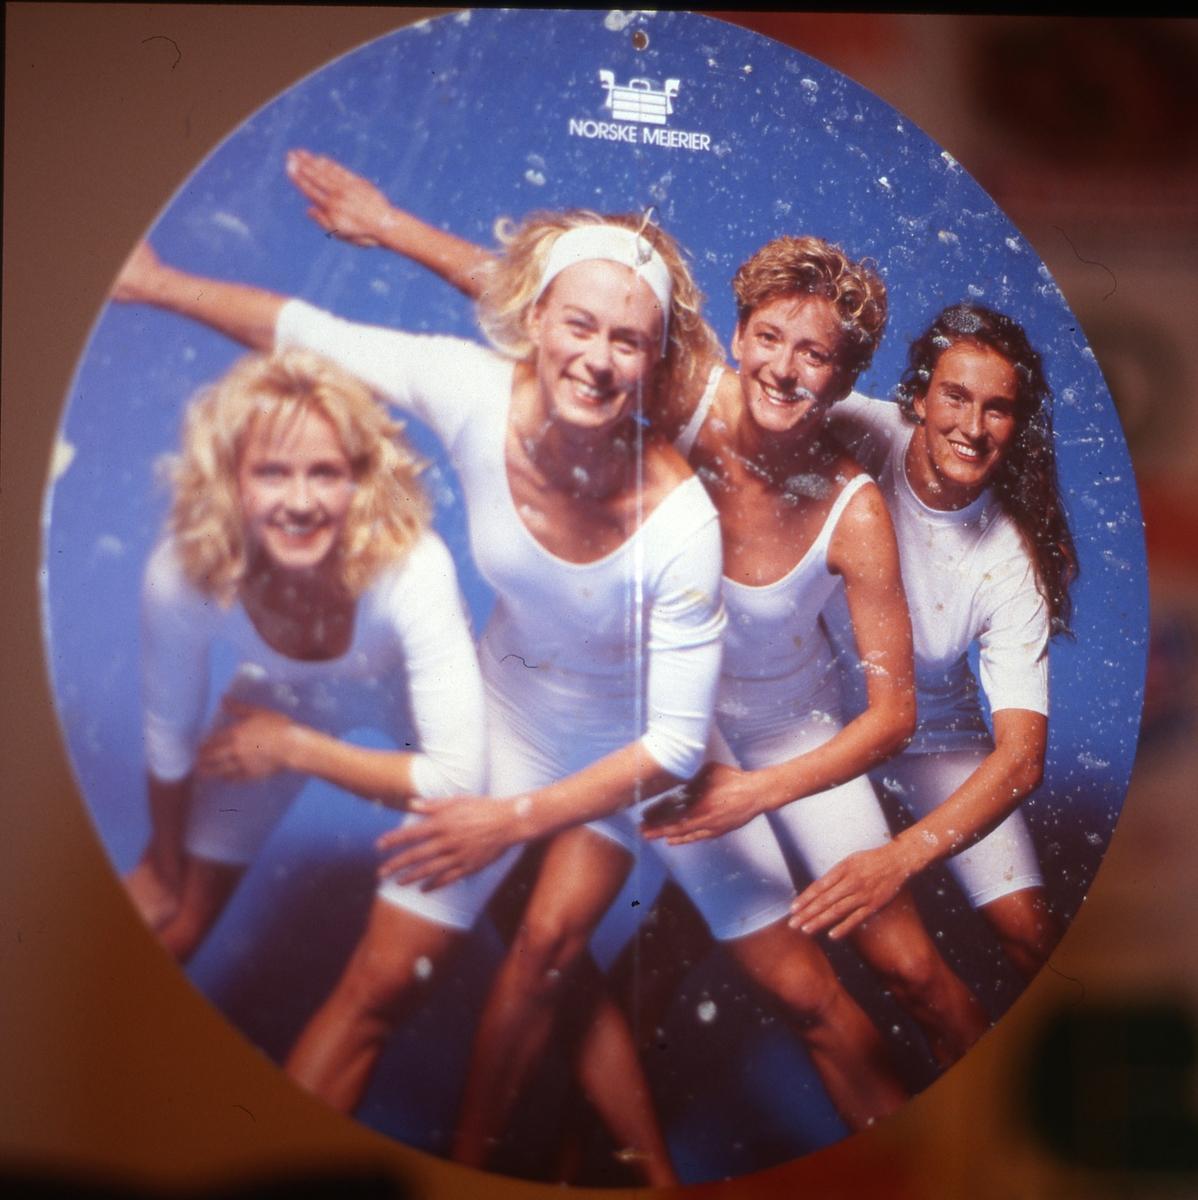 Butikkplakat med skijentene fra ca. 1982, sponset av Norske Meierier (Tine). Plakaten hang en periode foran alle norske melkedisker.